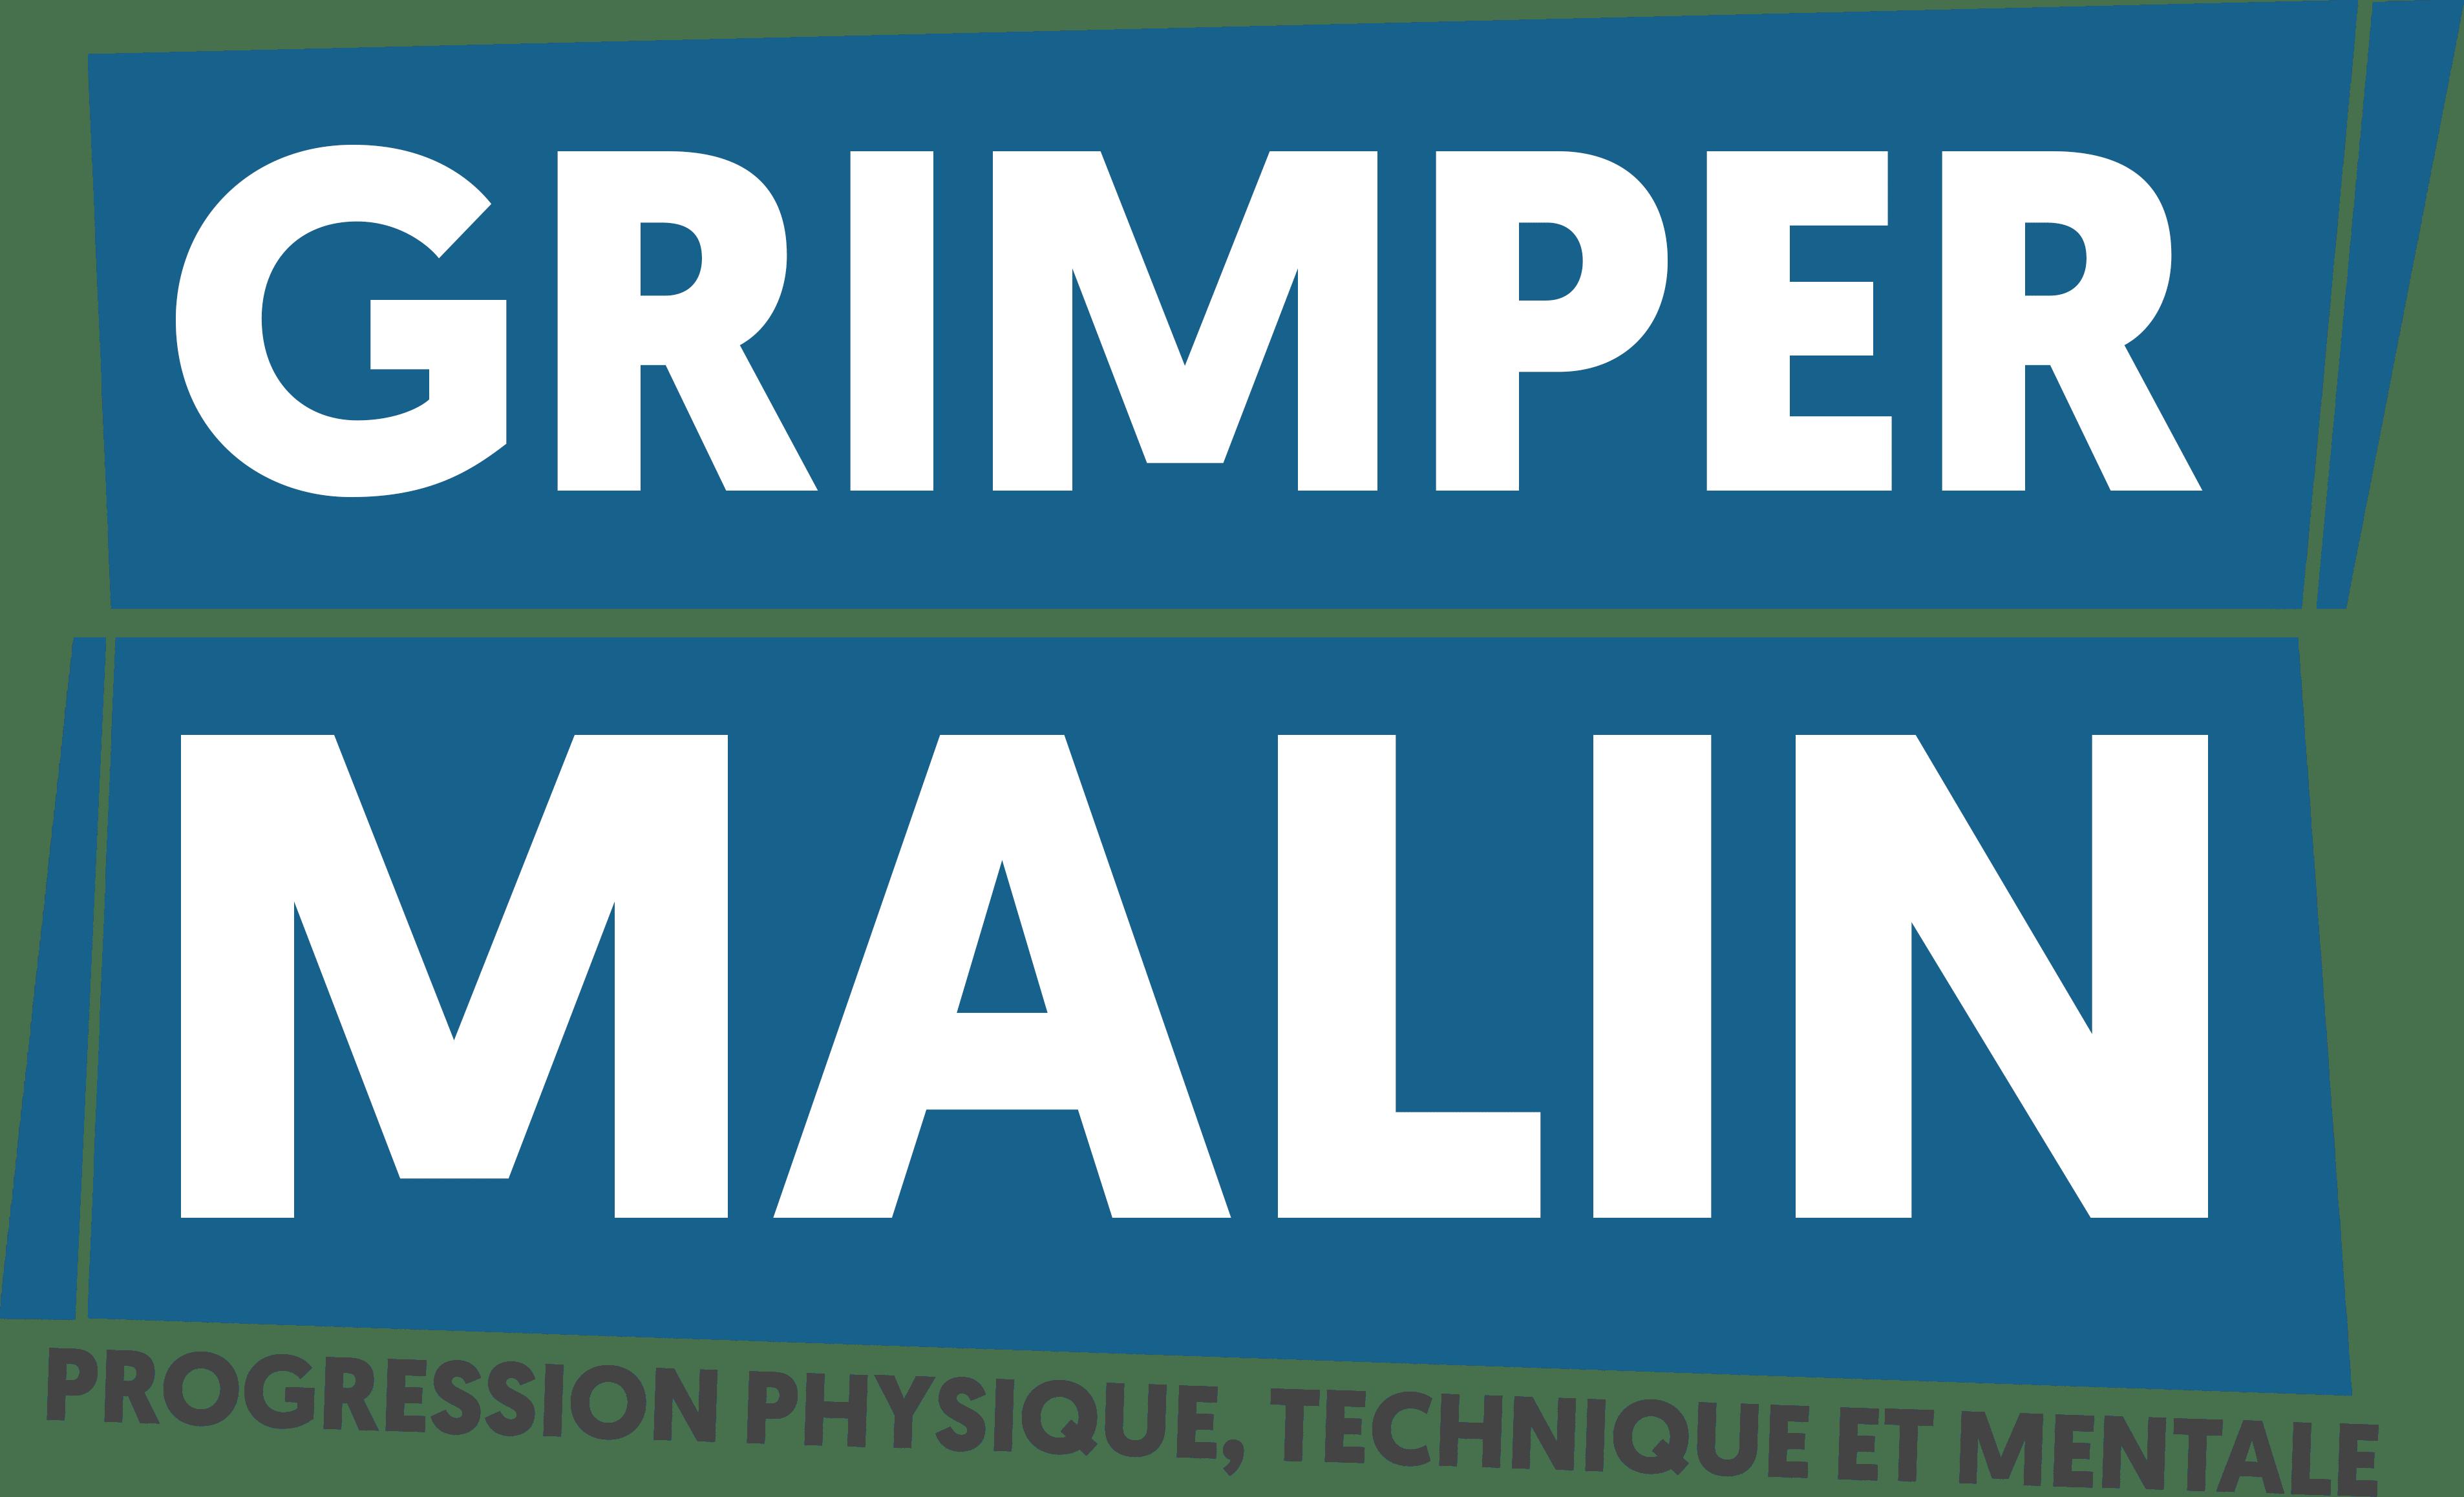 Grimper Malin